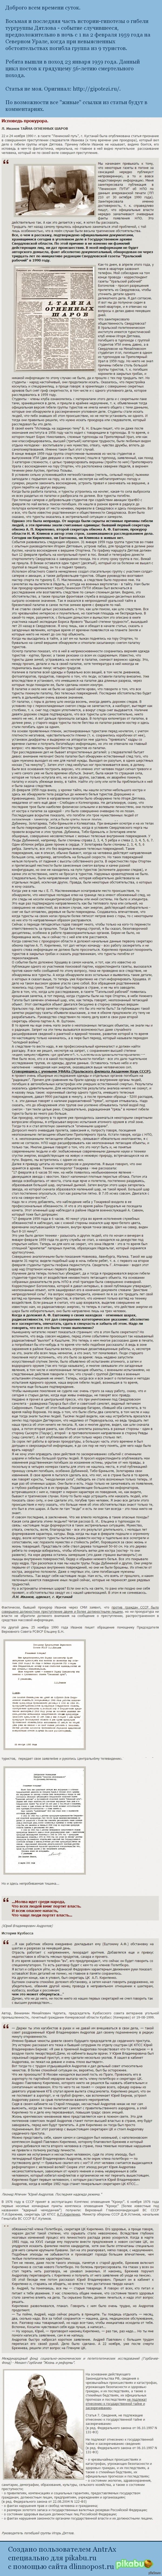 """Катастрофа у горы Холатчахль. (Часть 08) Эпилог... """"Исповедь прокурора"""""""